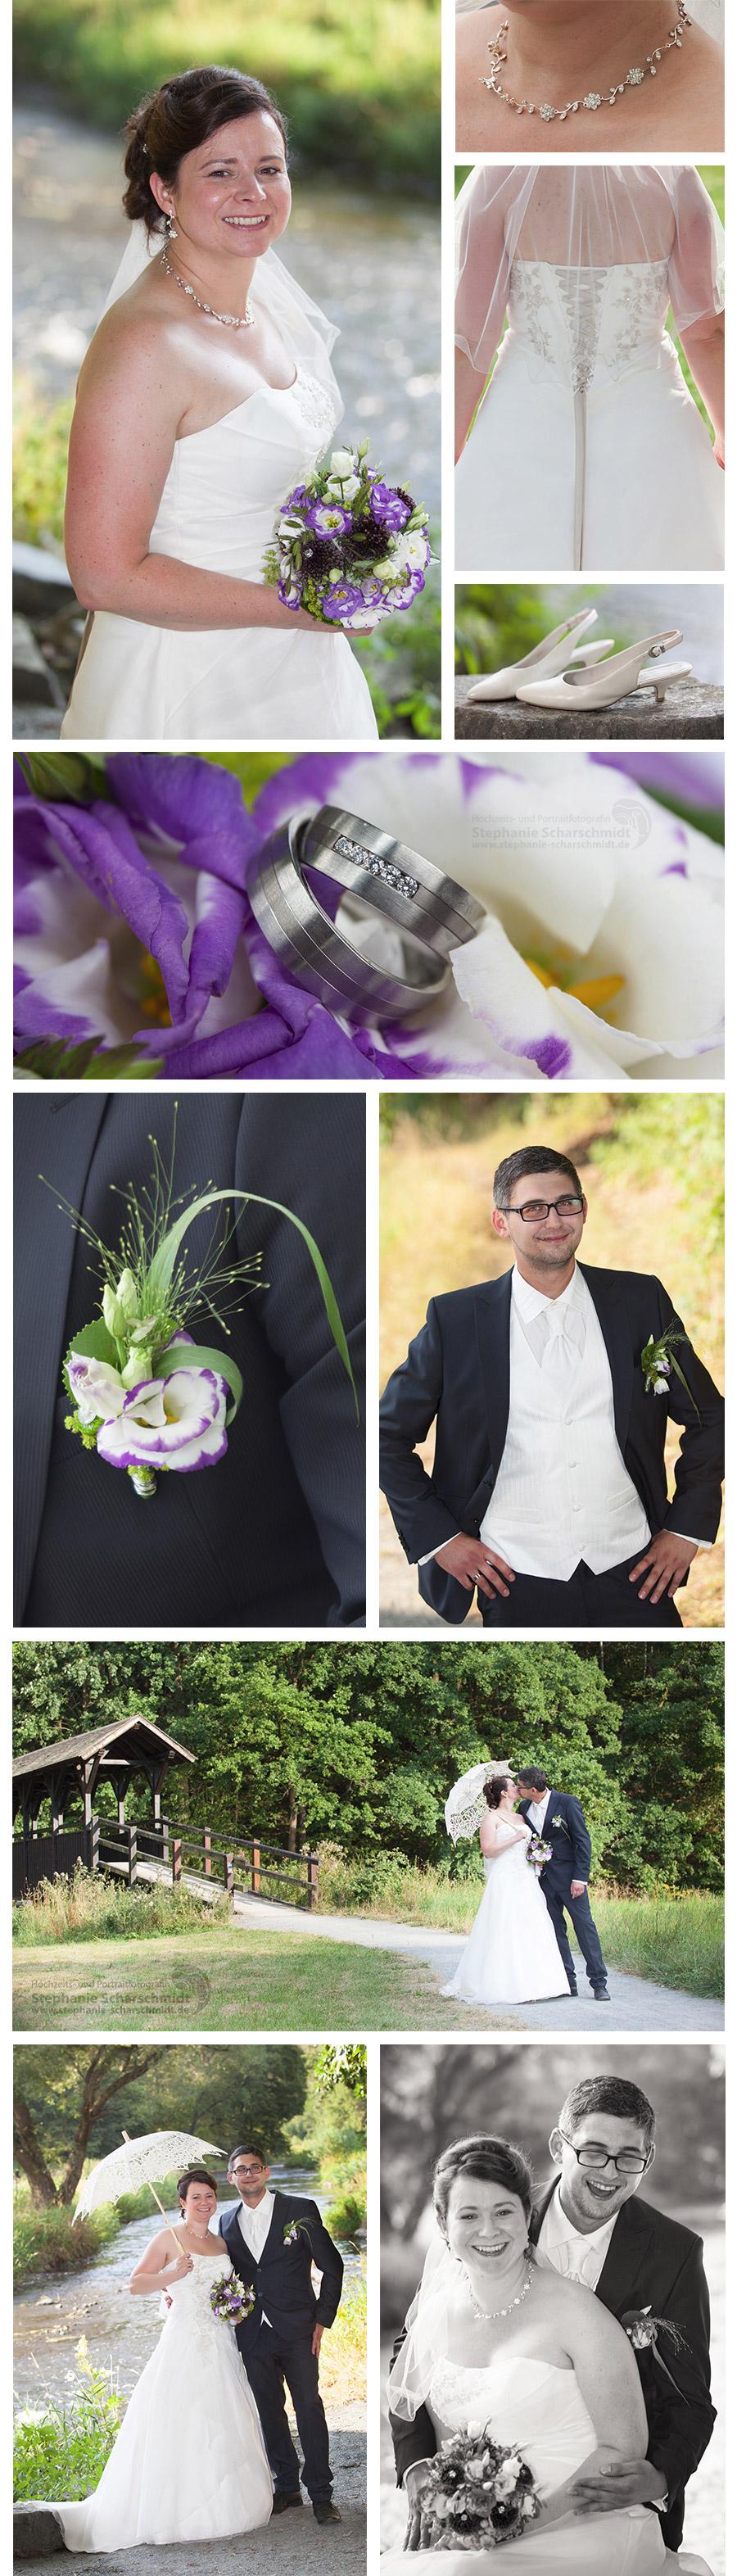 Brautpaarfotos am Lochbauer in Plauen im Vogtland – Stephanie Scharschmidt Hochzeitsfotograf Vogtland